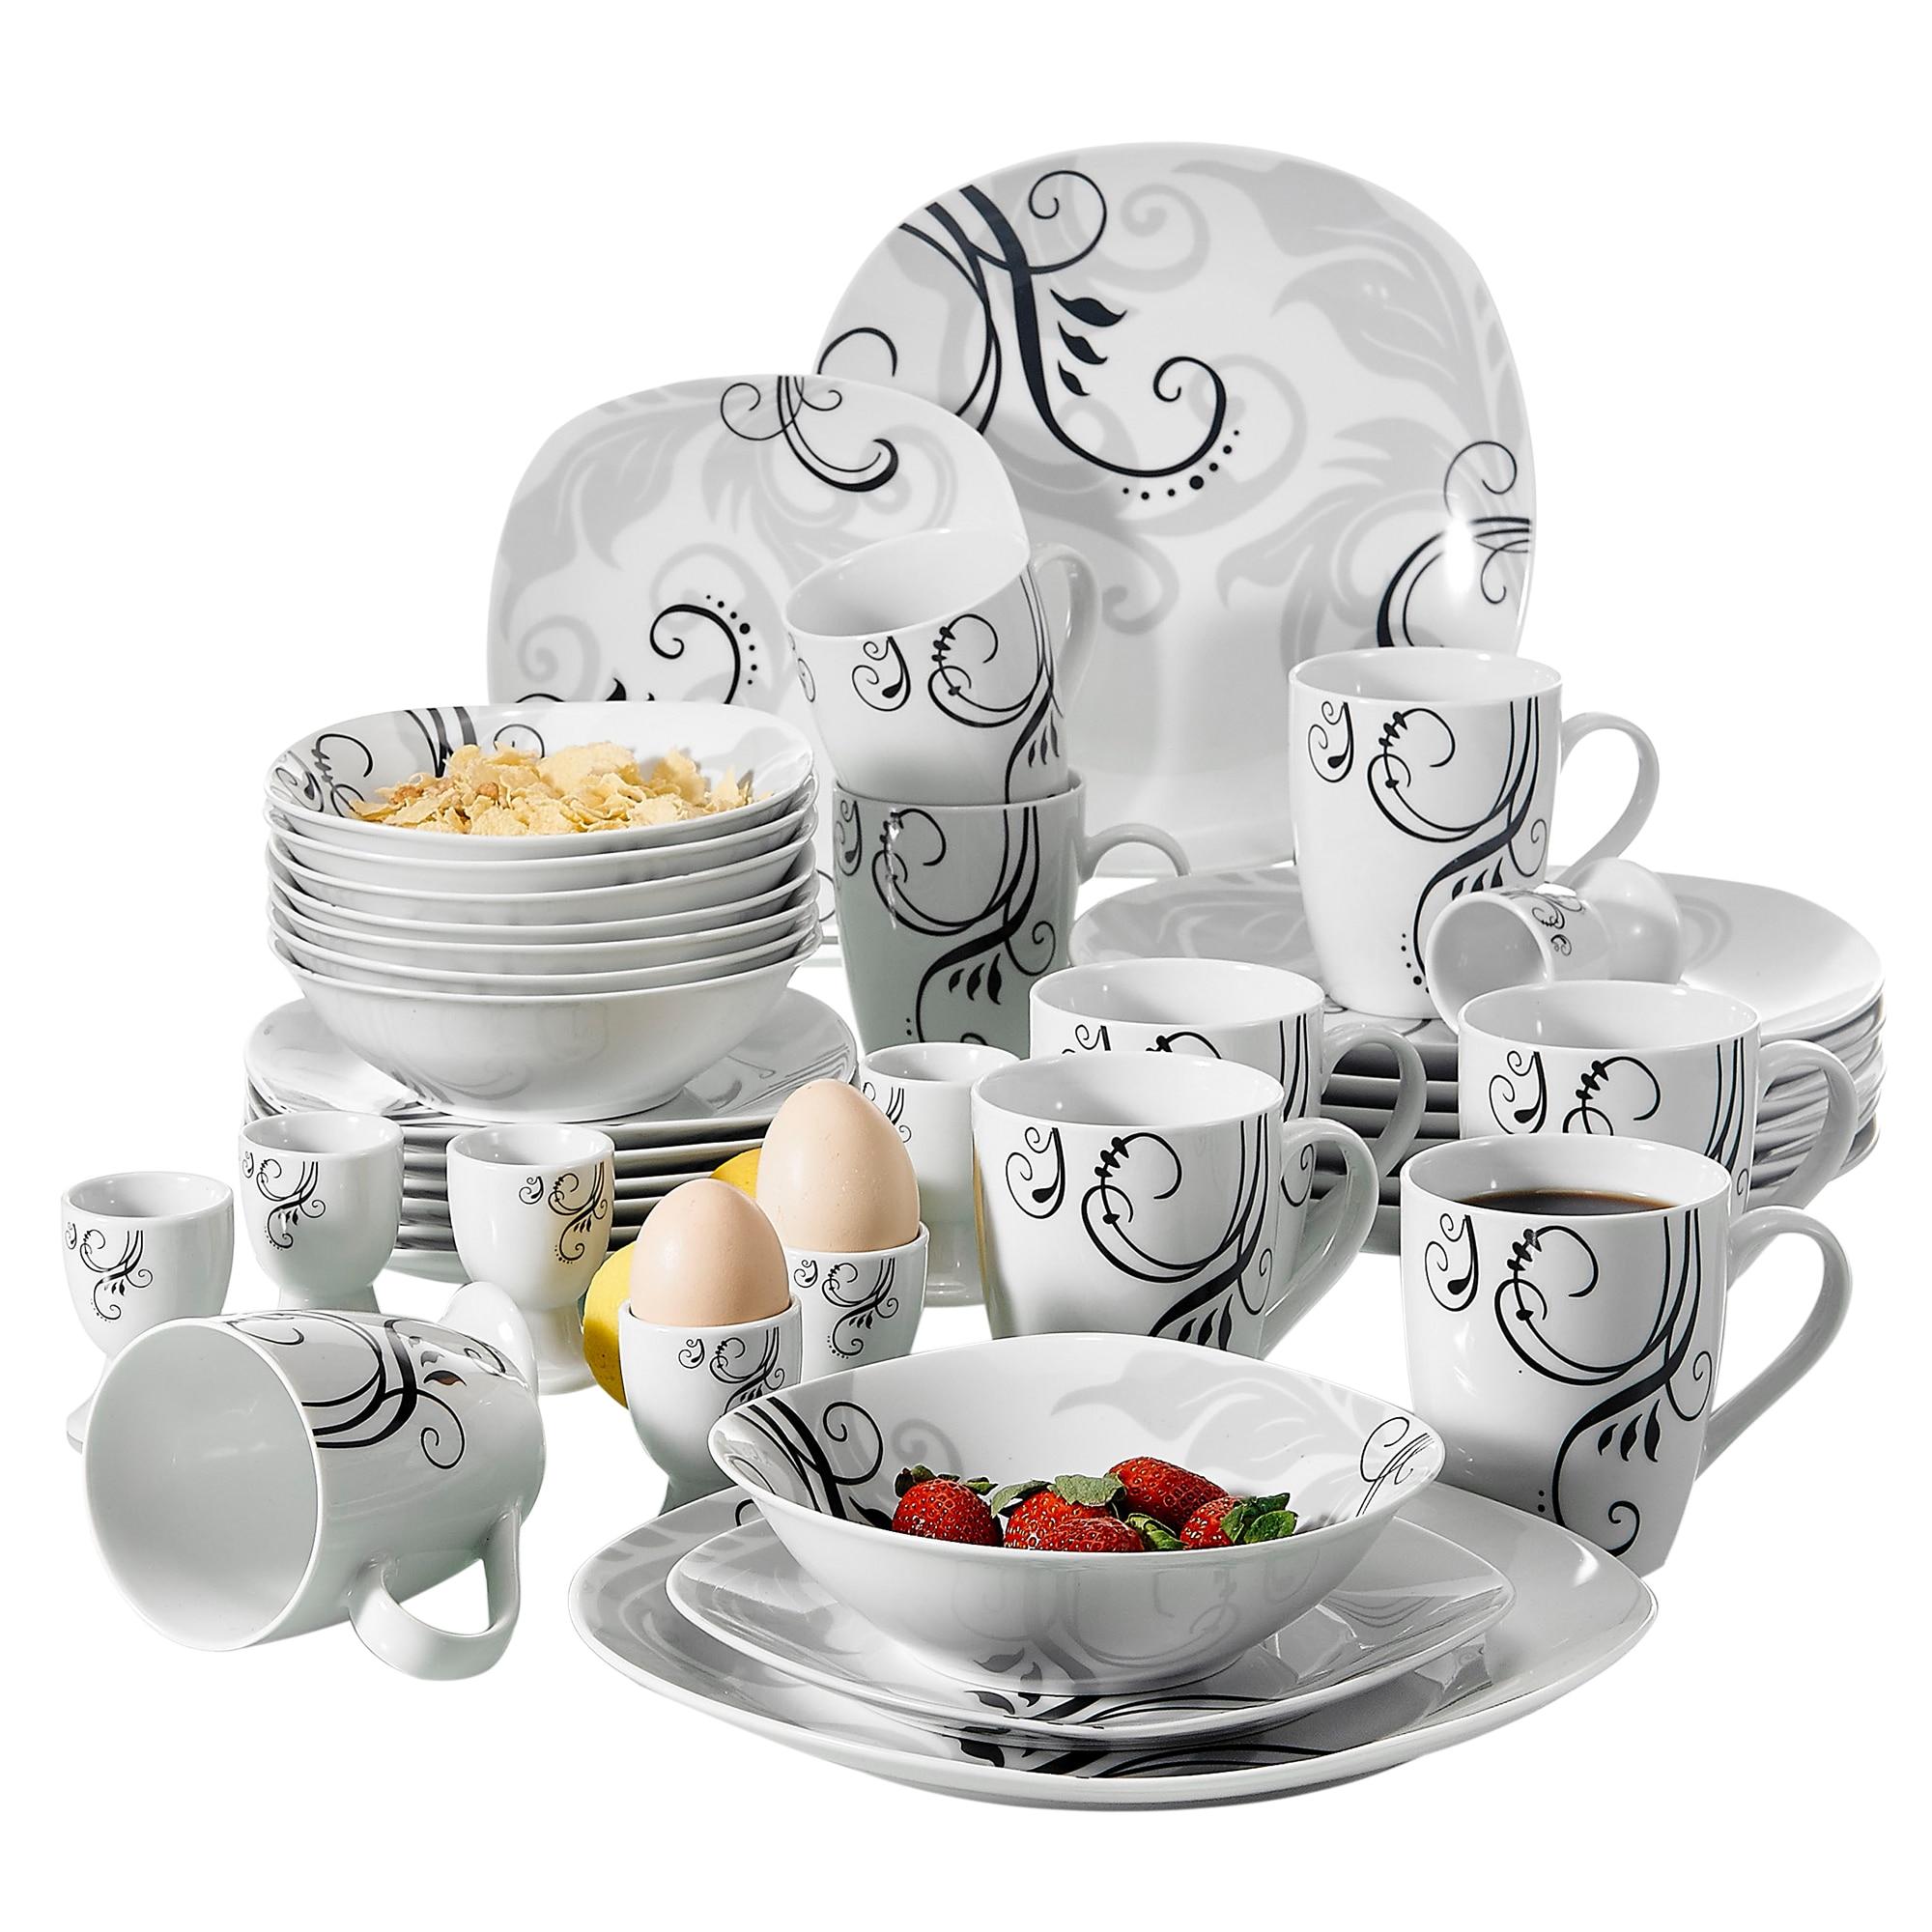 Veweet zoey conjunto de louça de porcelana de 40 peças decalque padrão conjuntos de louça com placa de jantar, placa de sobremesa, tigela, caneca, copo de ovo